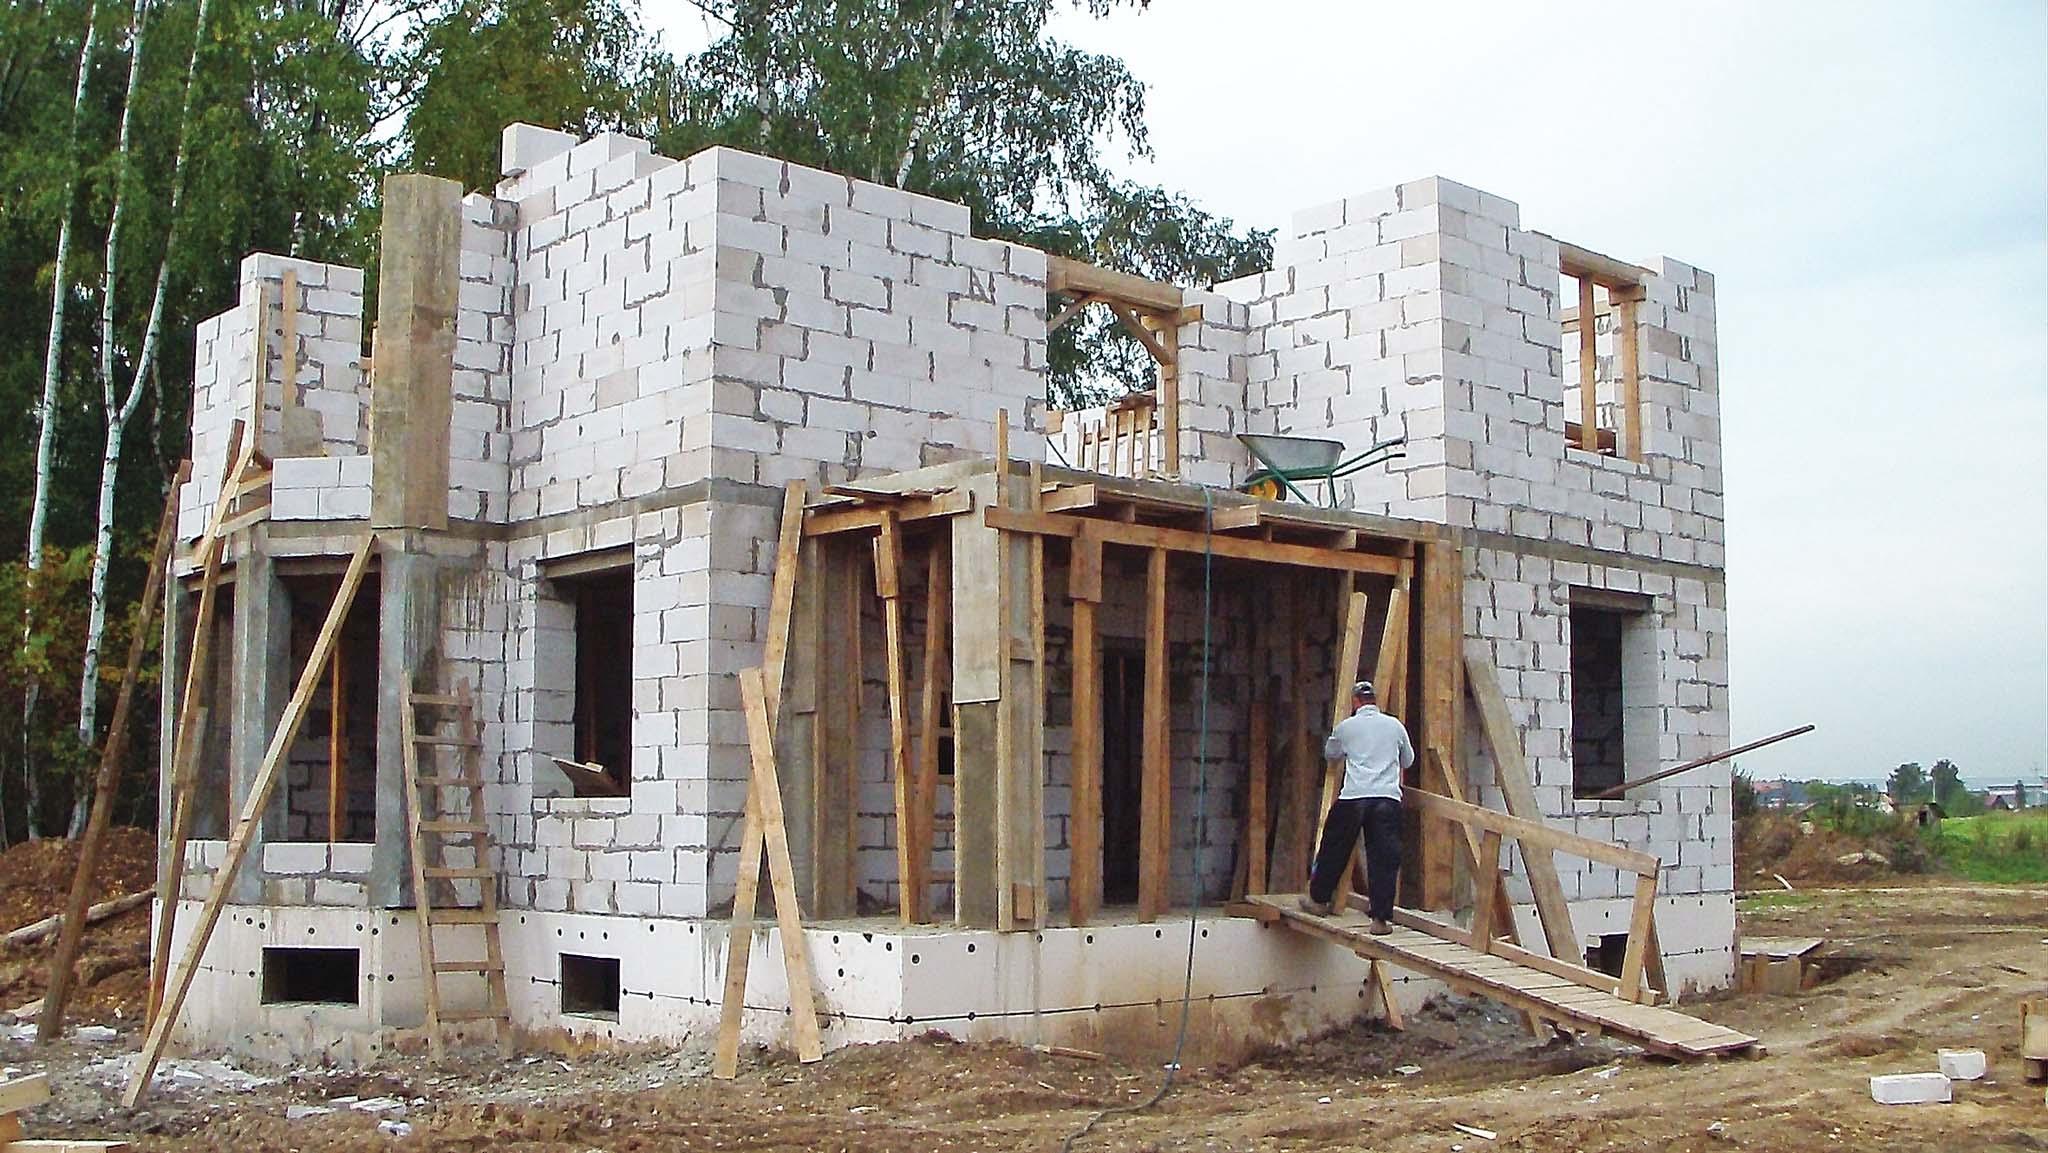 построить дом с нуля своими руками фото же, напротив, нет